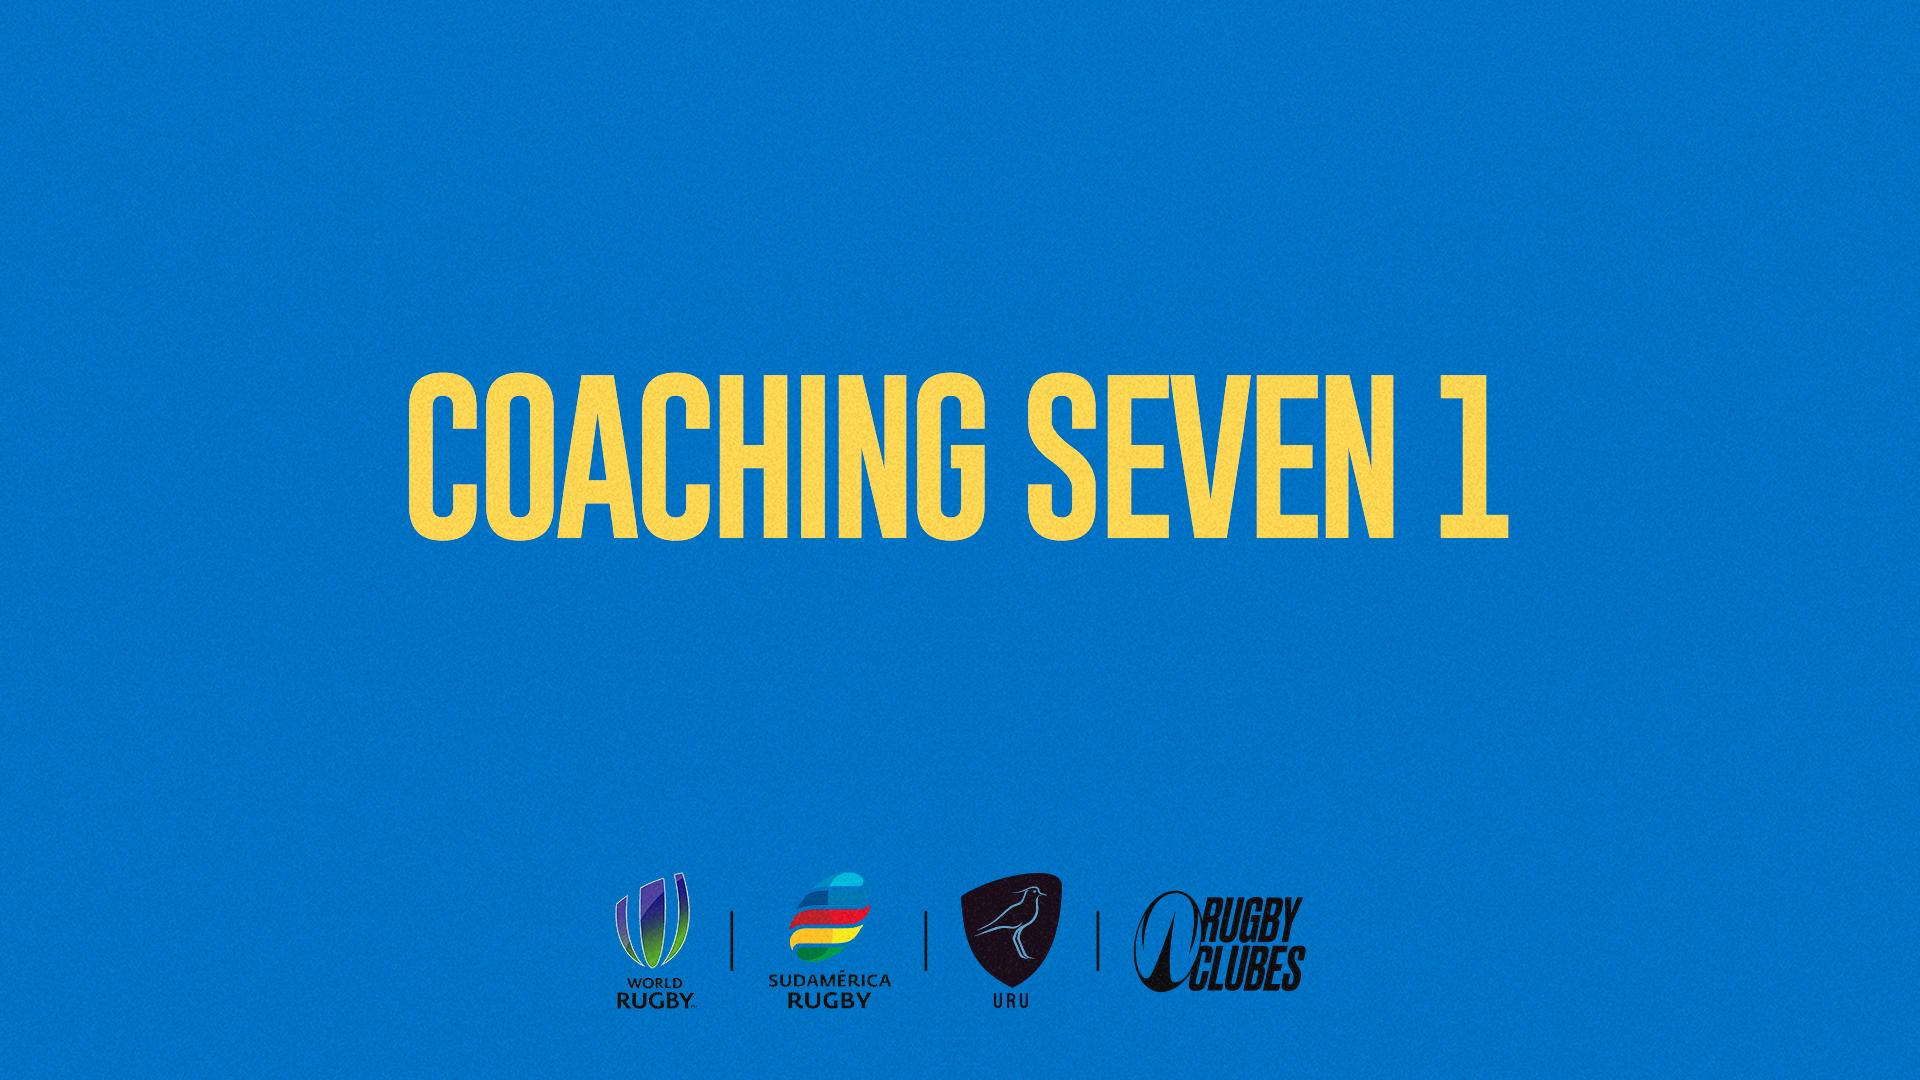 Coaching Seven 1